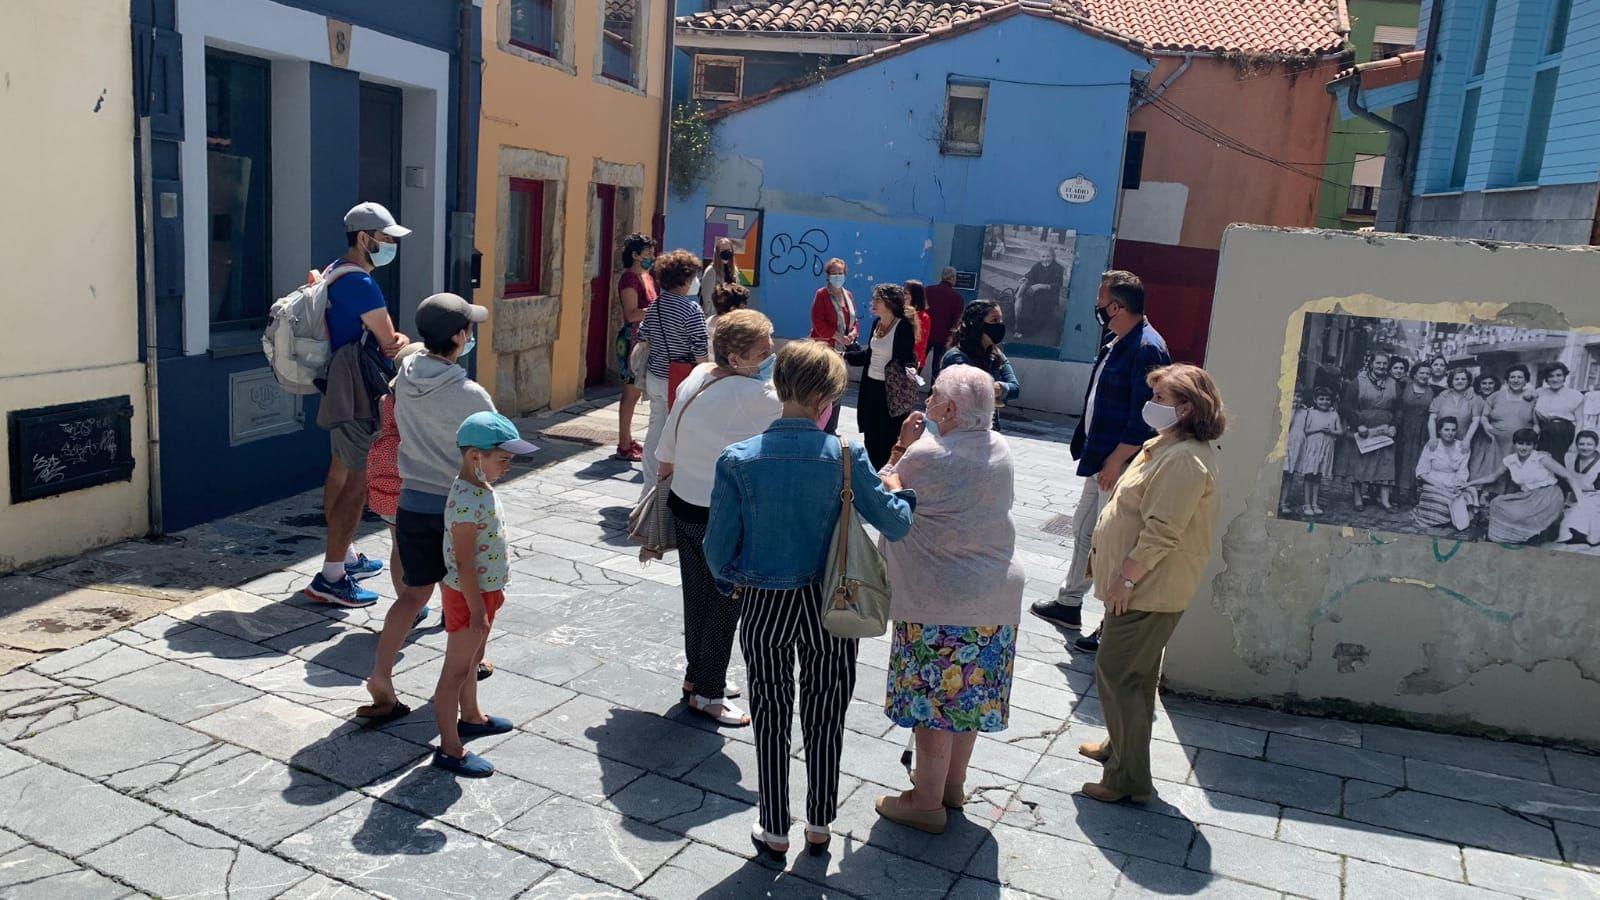 Largas colas para recibir la vacuna contra el covid en el HUCA.Un grupo de personas visita la Casa de la Memoria de Cimadevilla